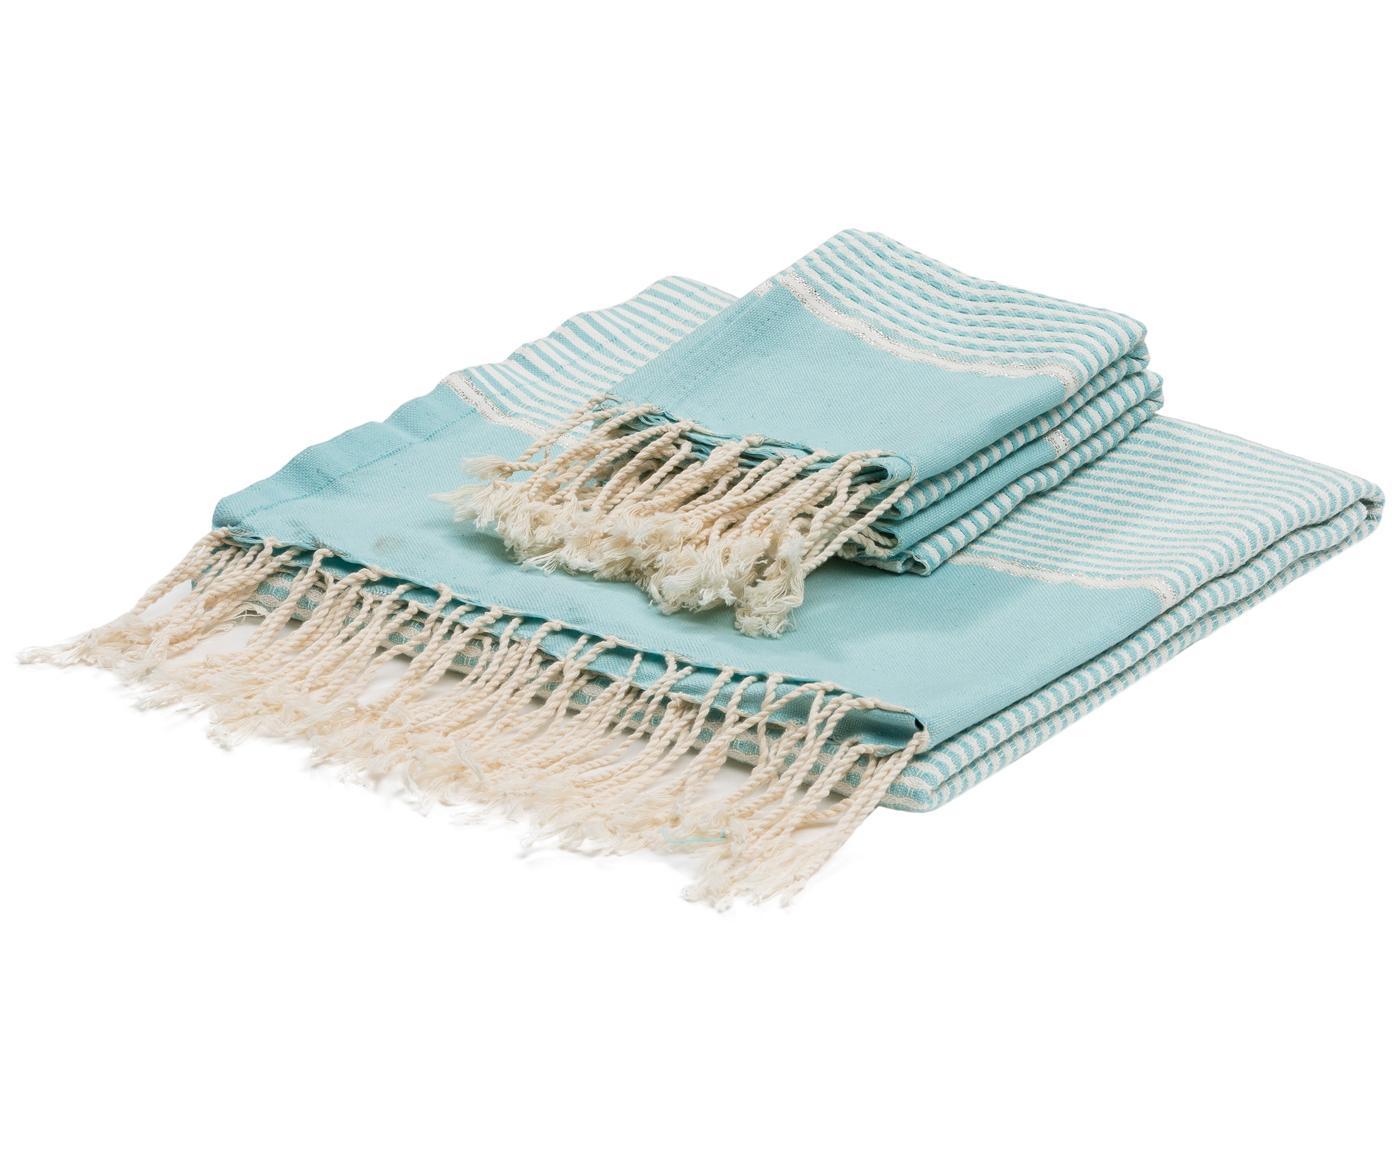 Komplet ręczników Copenhague z wykończeniem z lurexu, 3 elem., Jasny niebieski, odcienie srebrnego, biały, Różne rozmiary